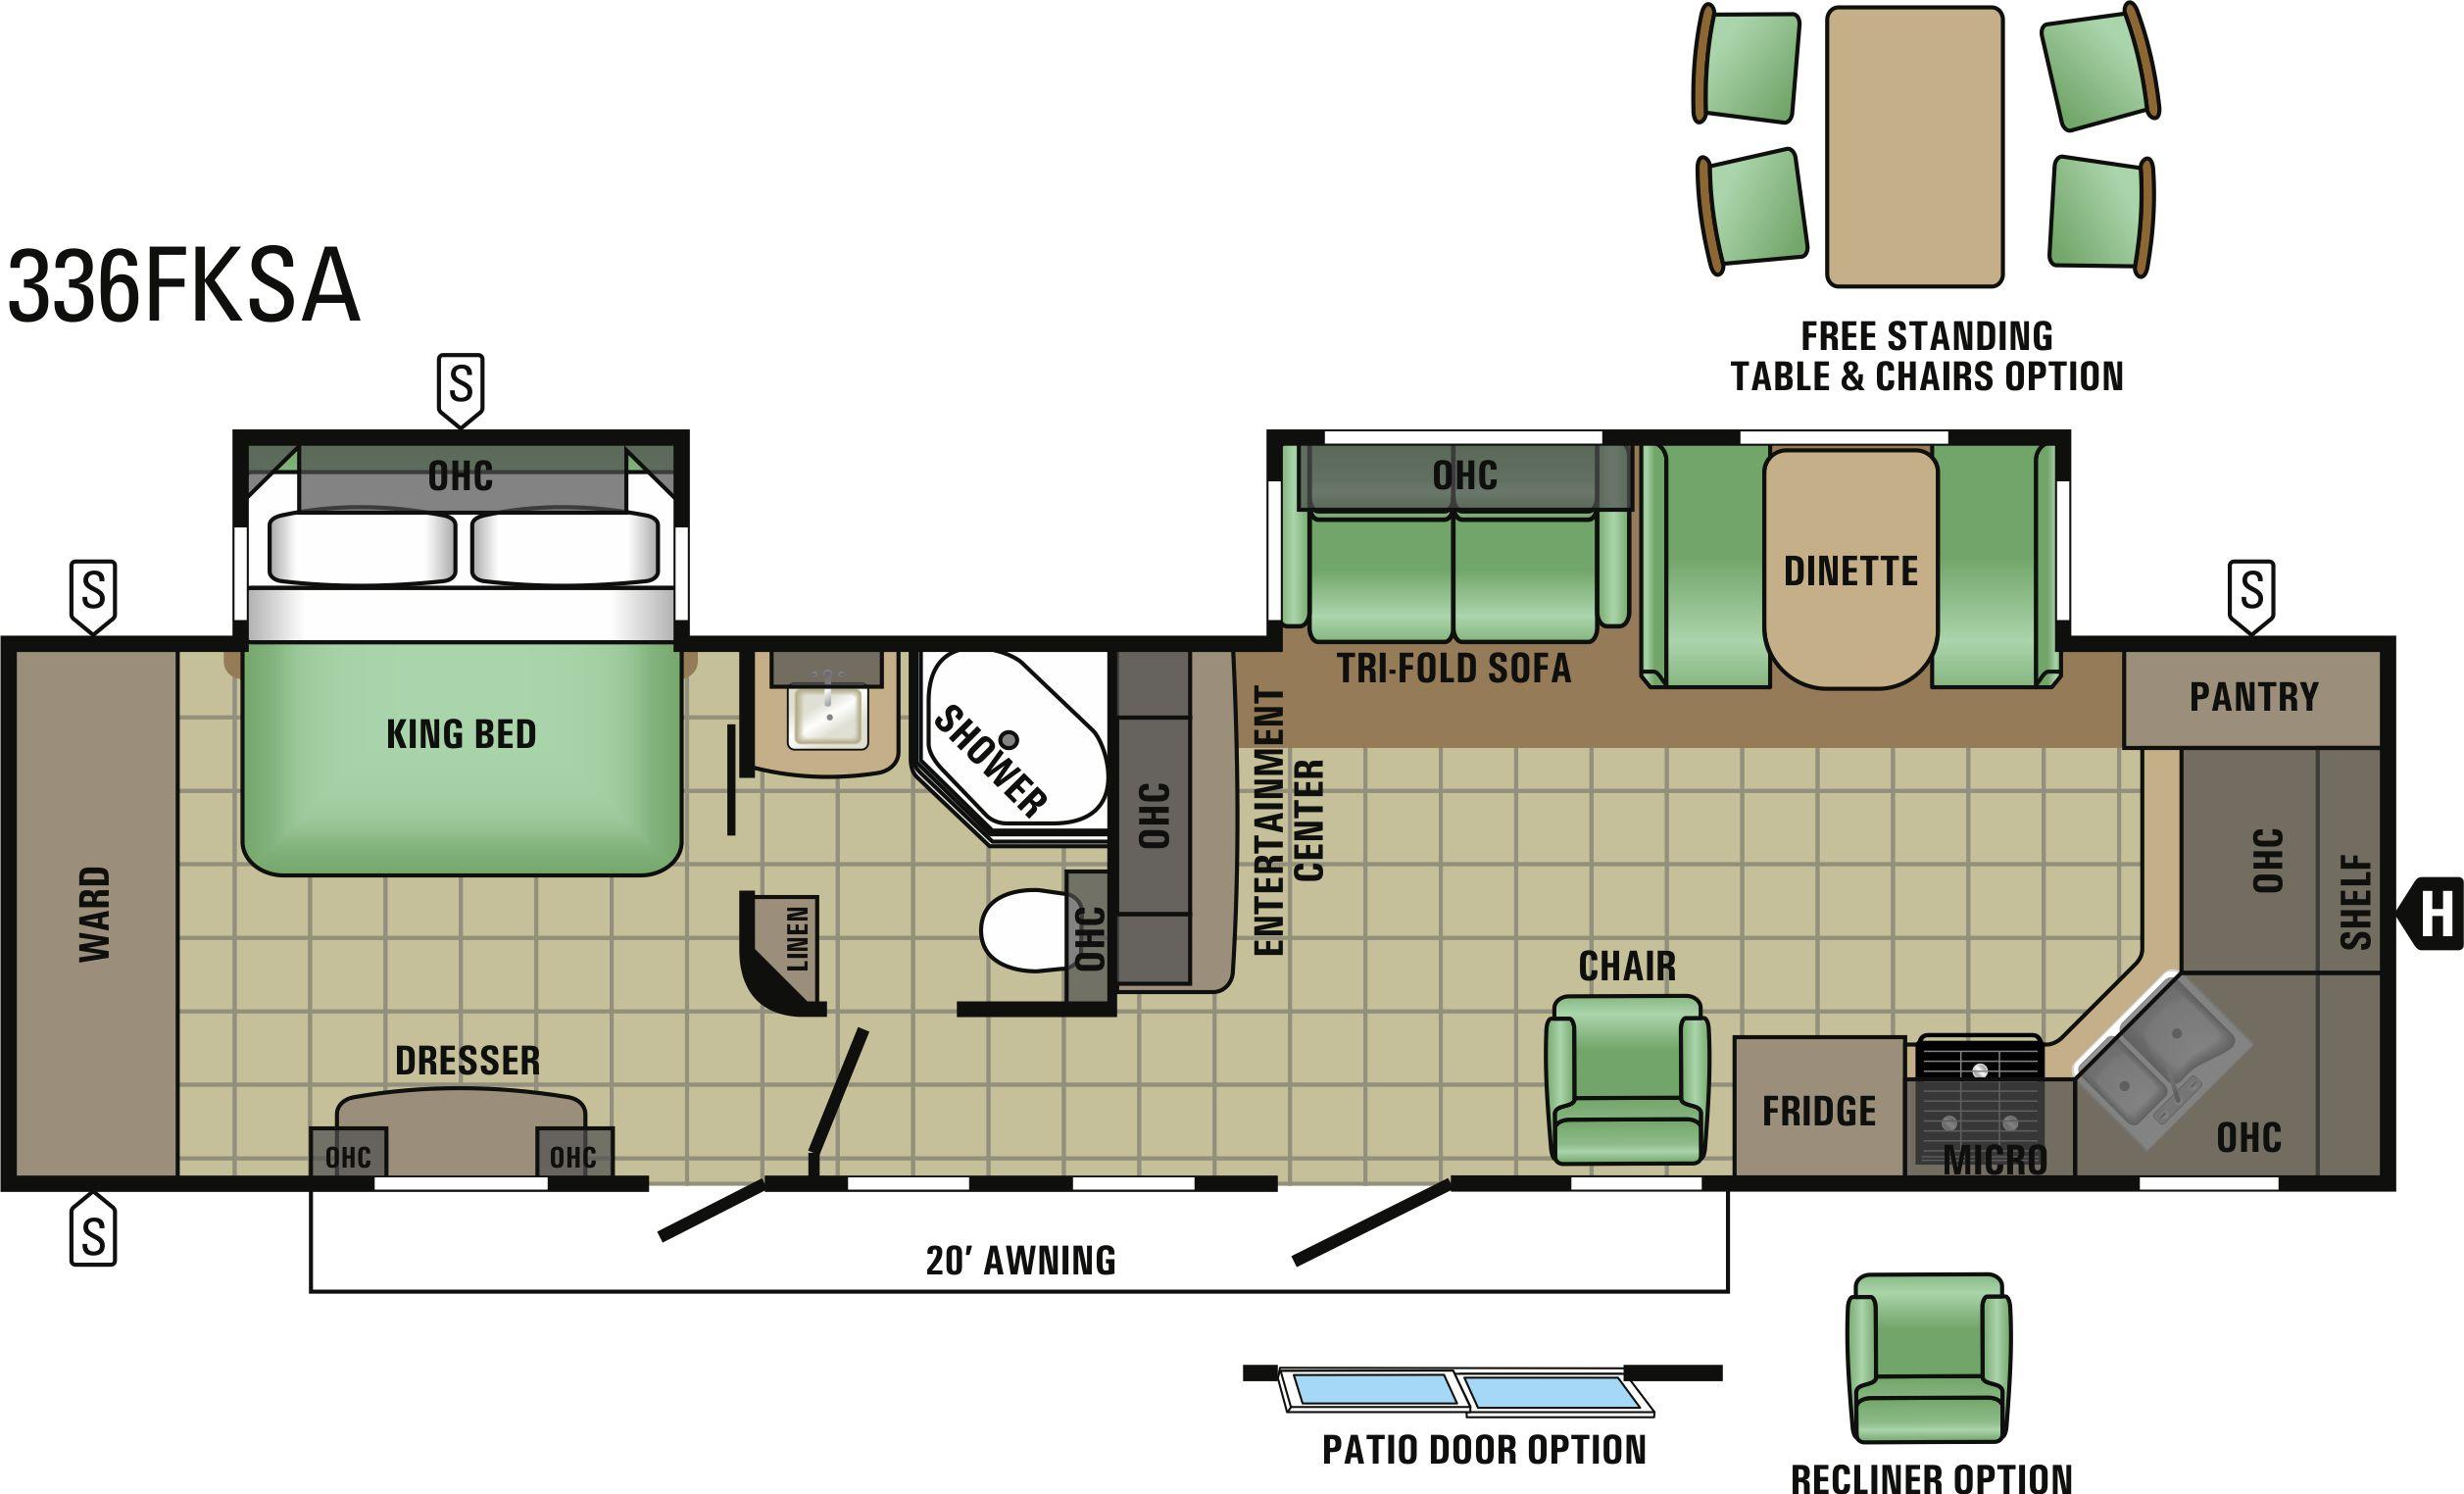 336FKSA Floorplan